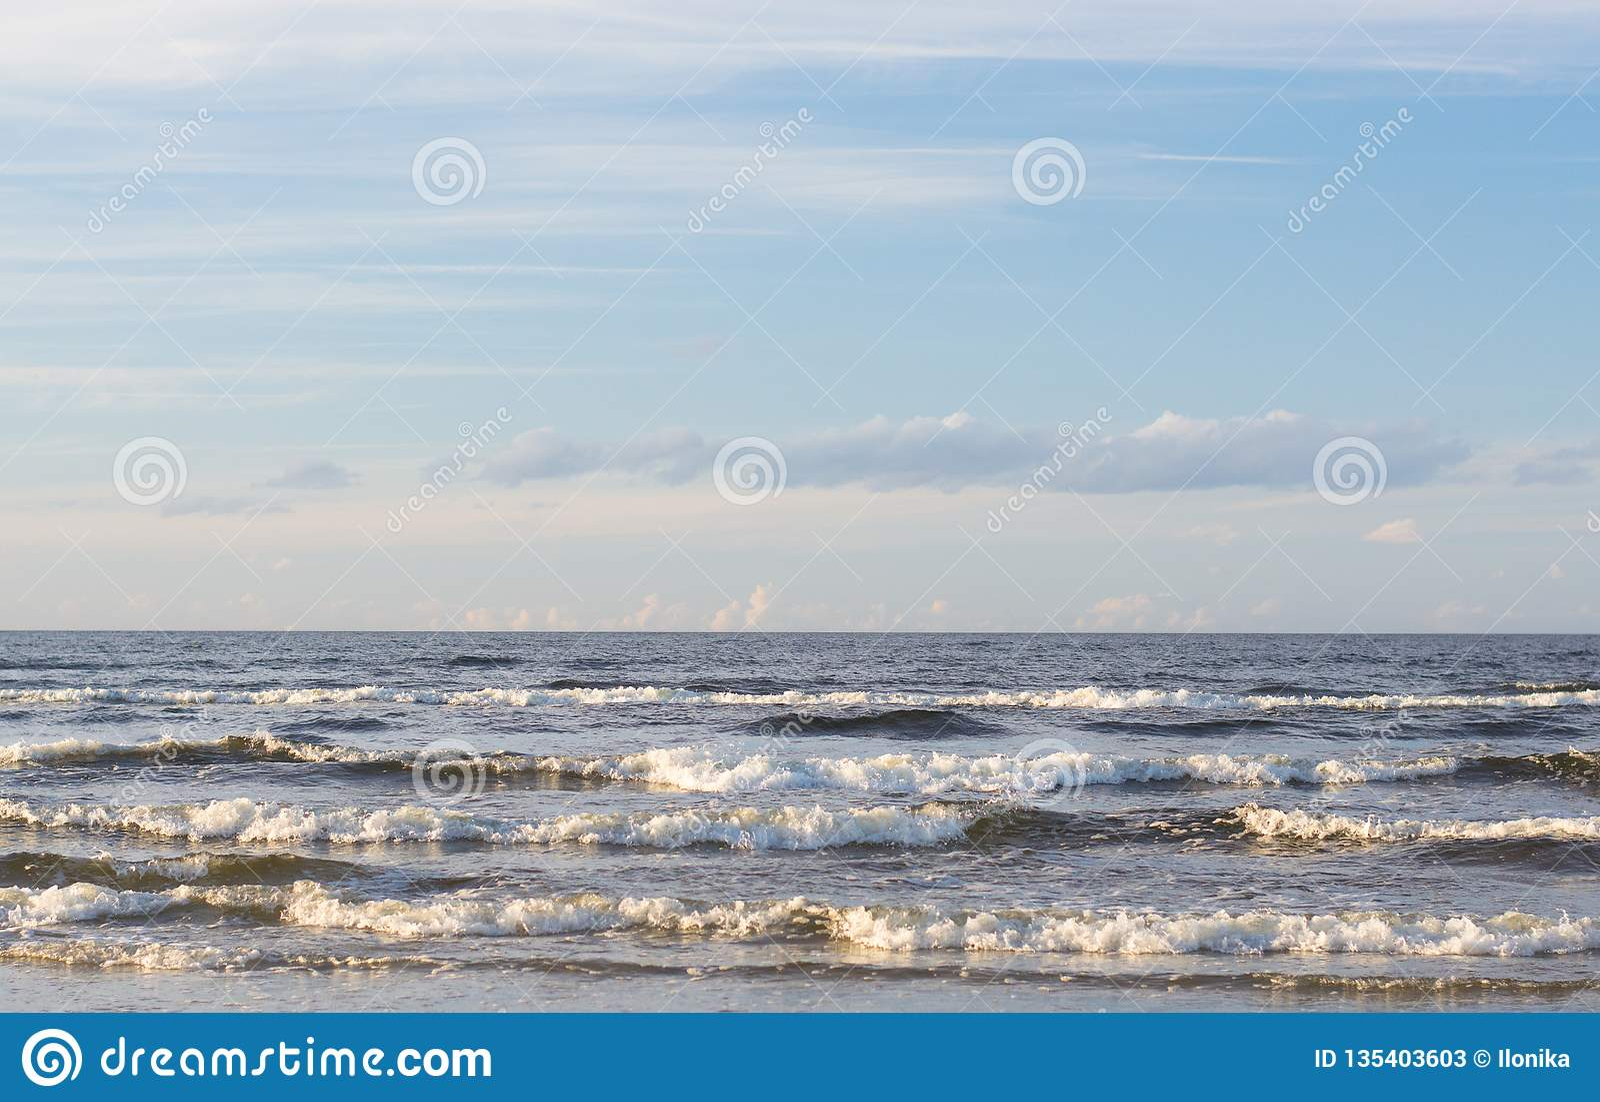 De zomerdag op de kust